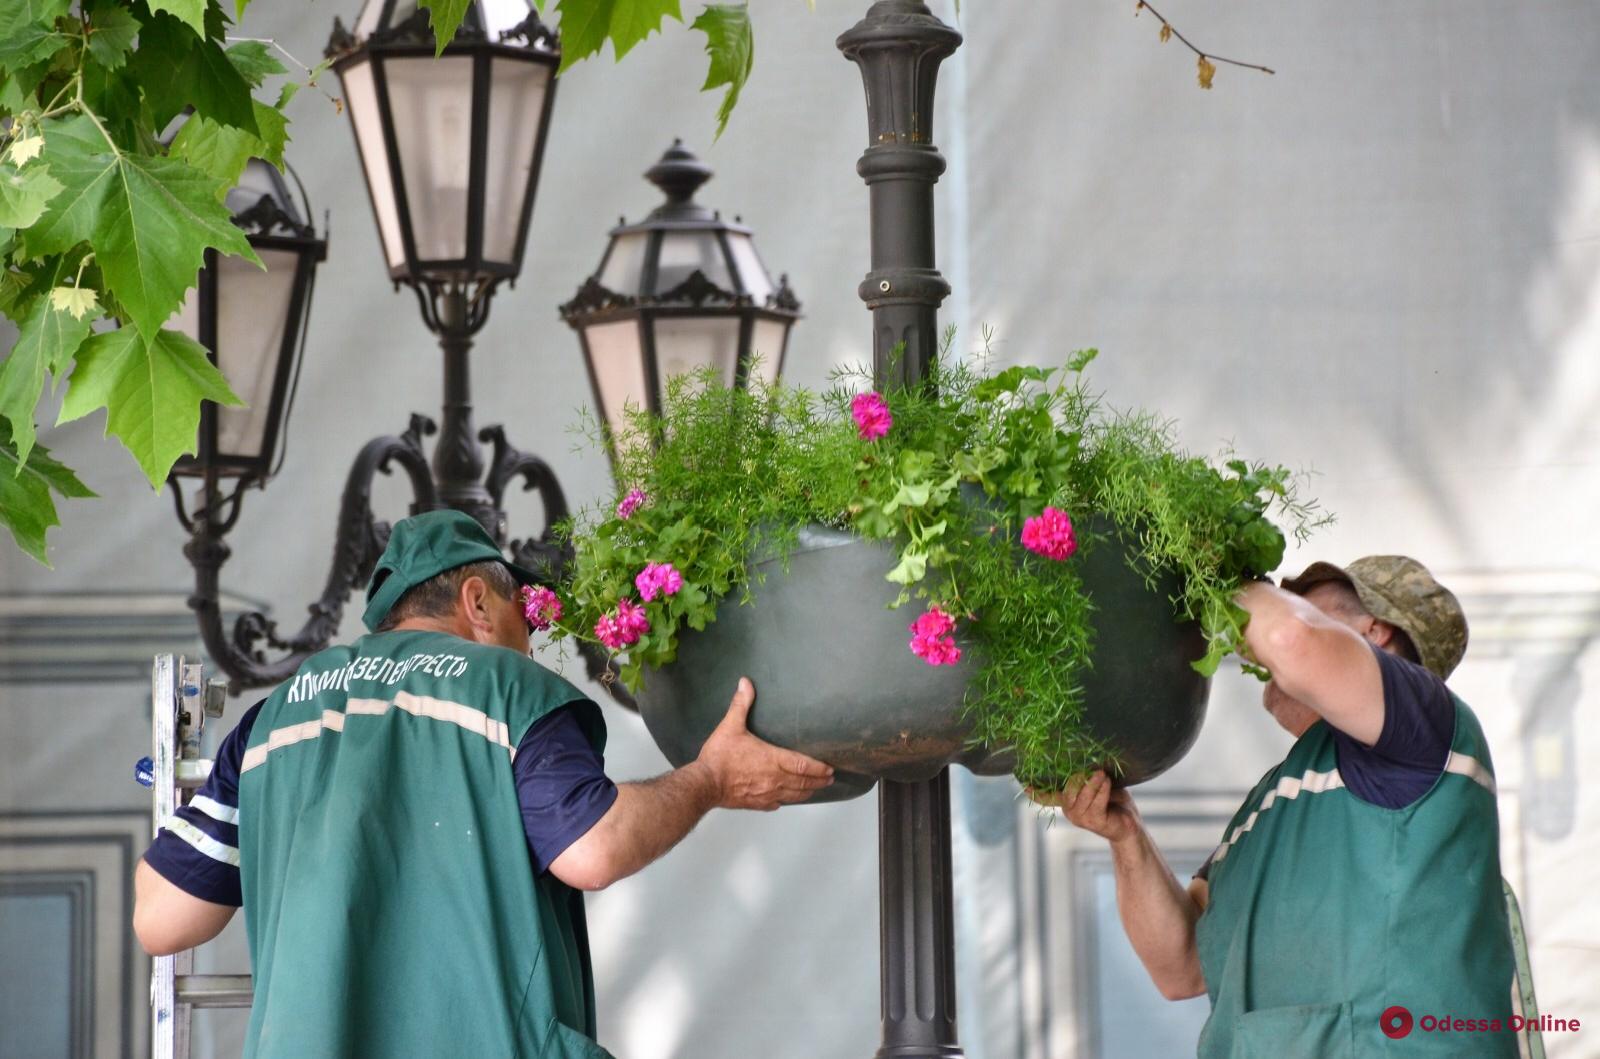 Одессу украшают цветами в подвесных чашах